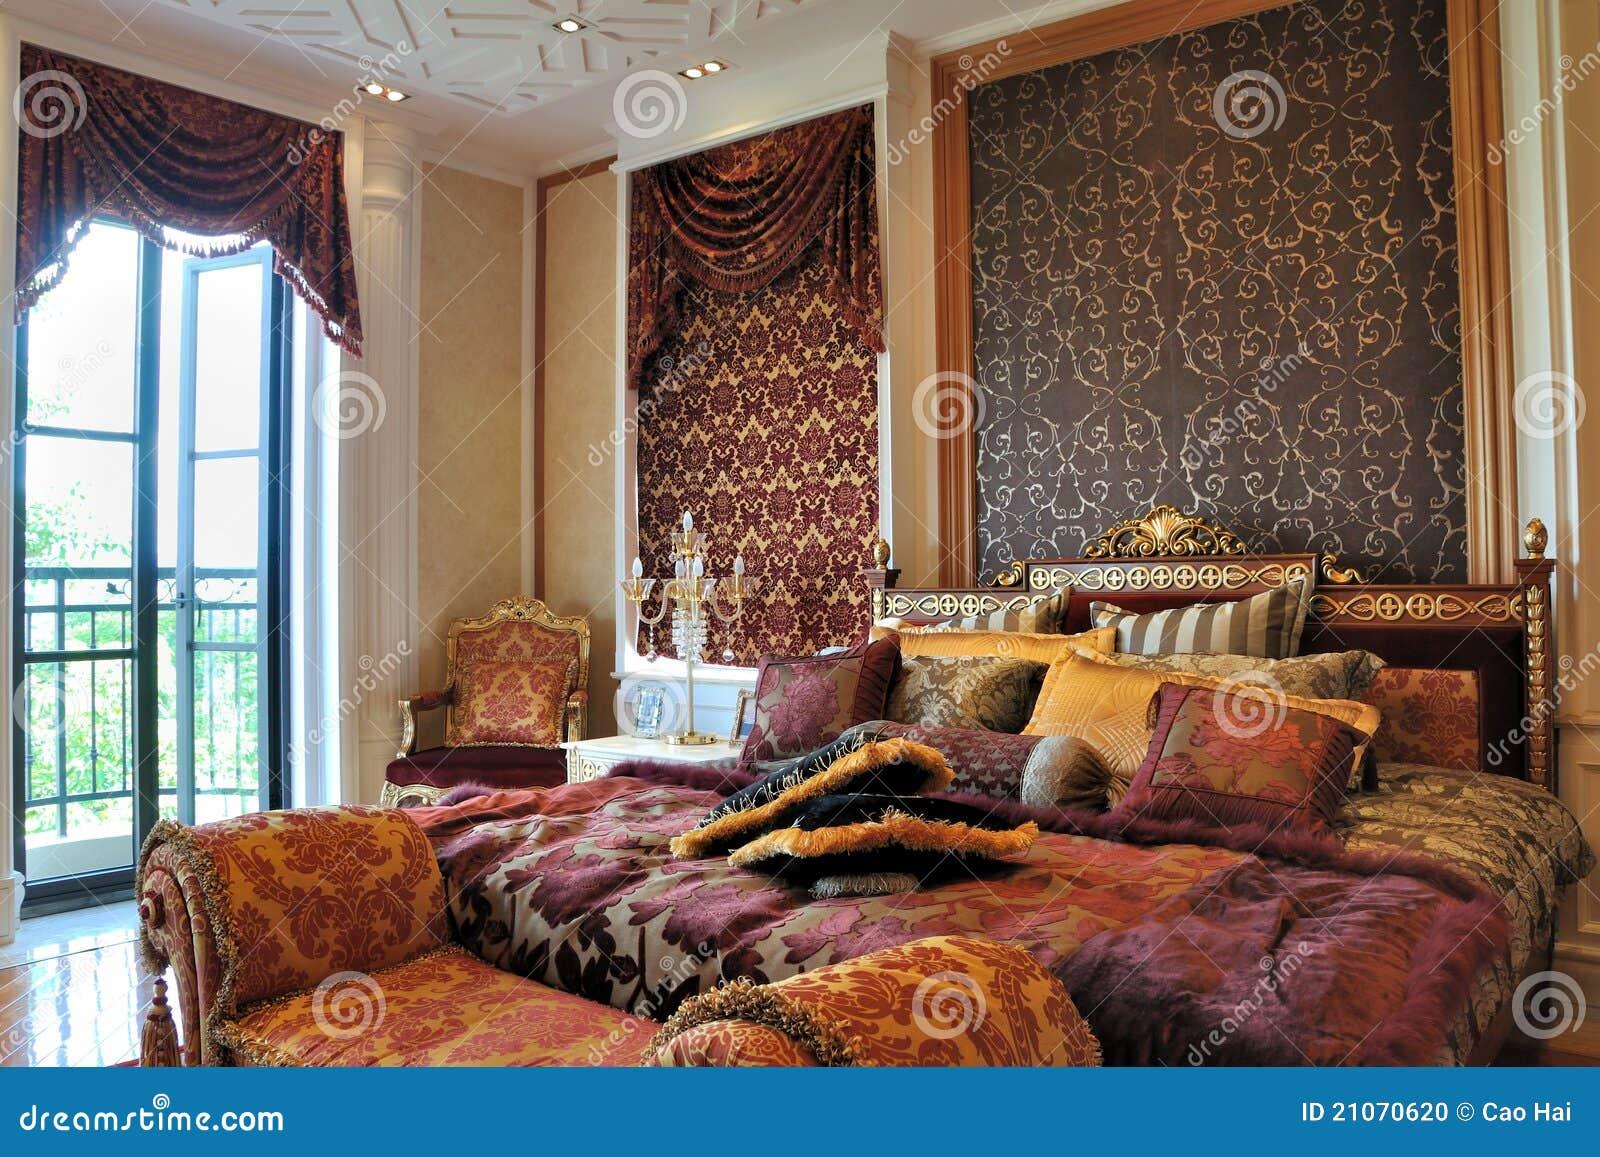 Slaapkamer Verlichting Tips : Schitterende slaapkamer met verlichting stock foto afbeelding